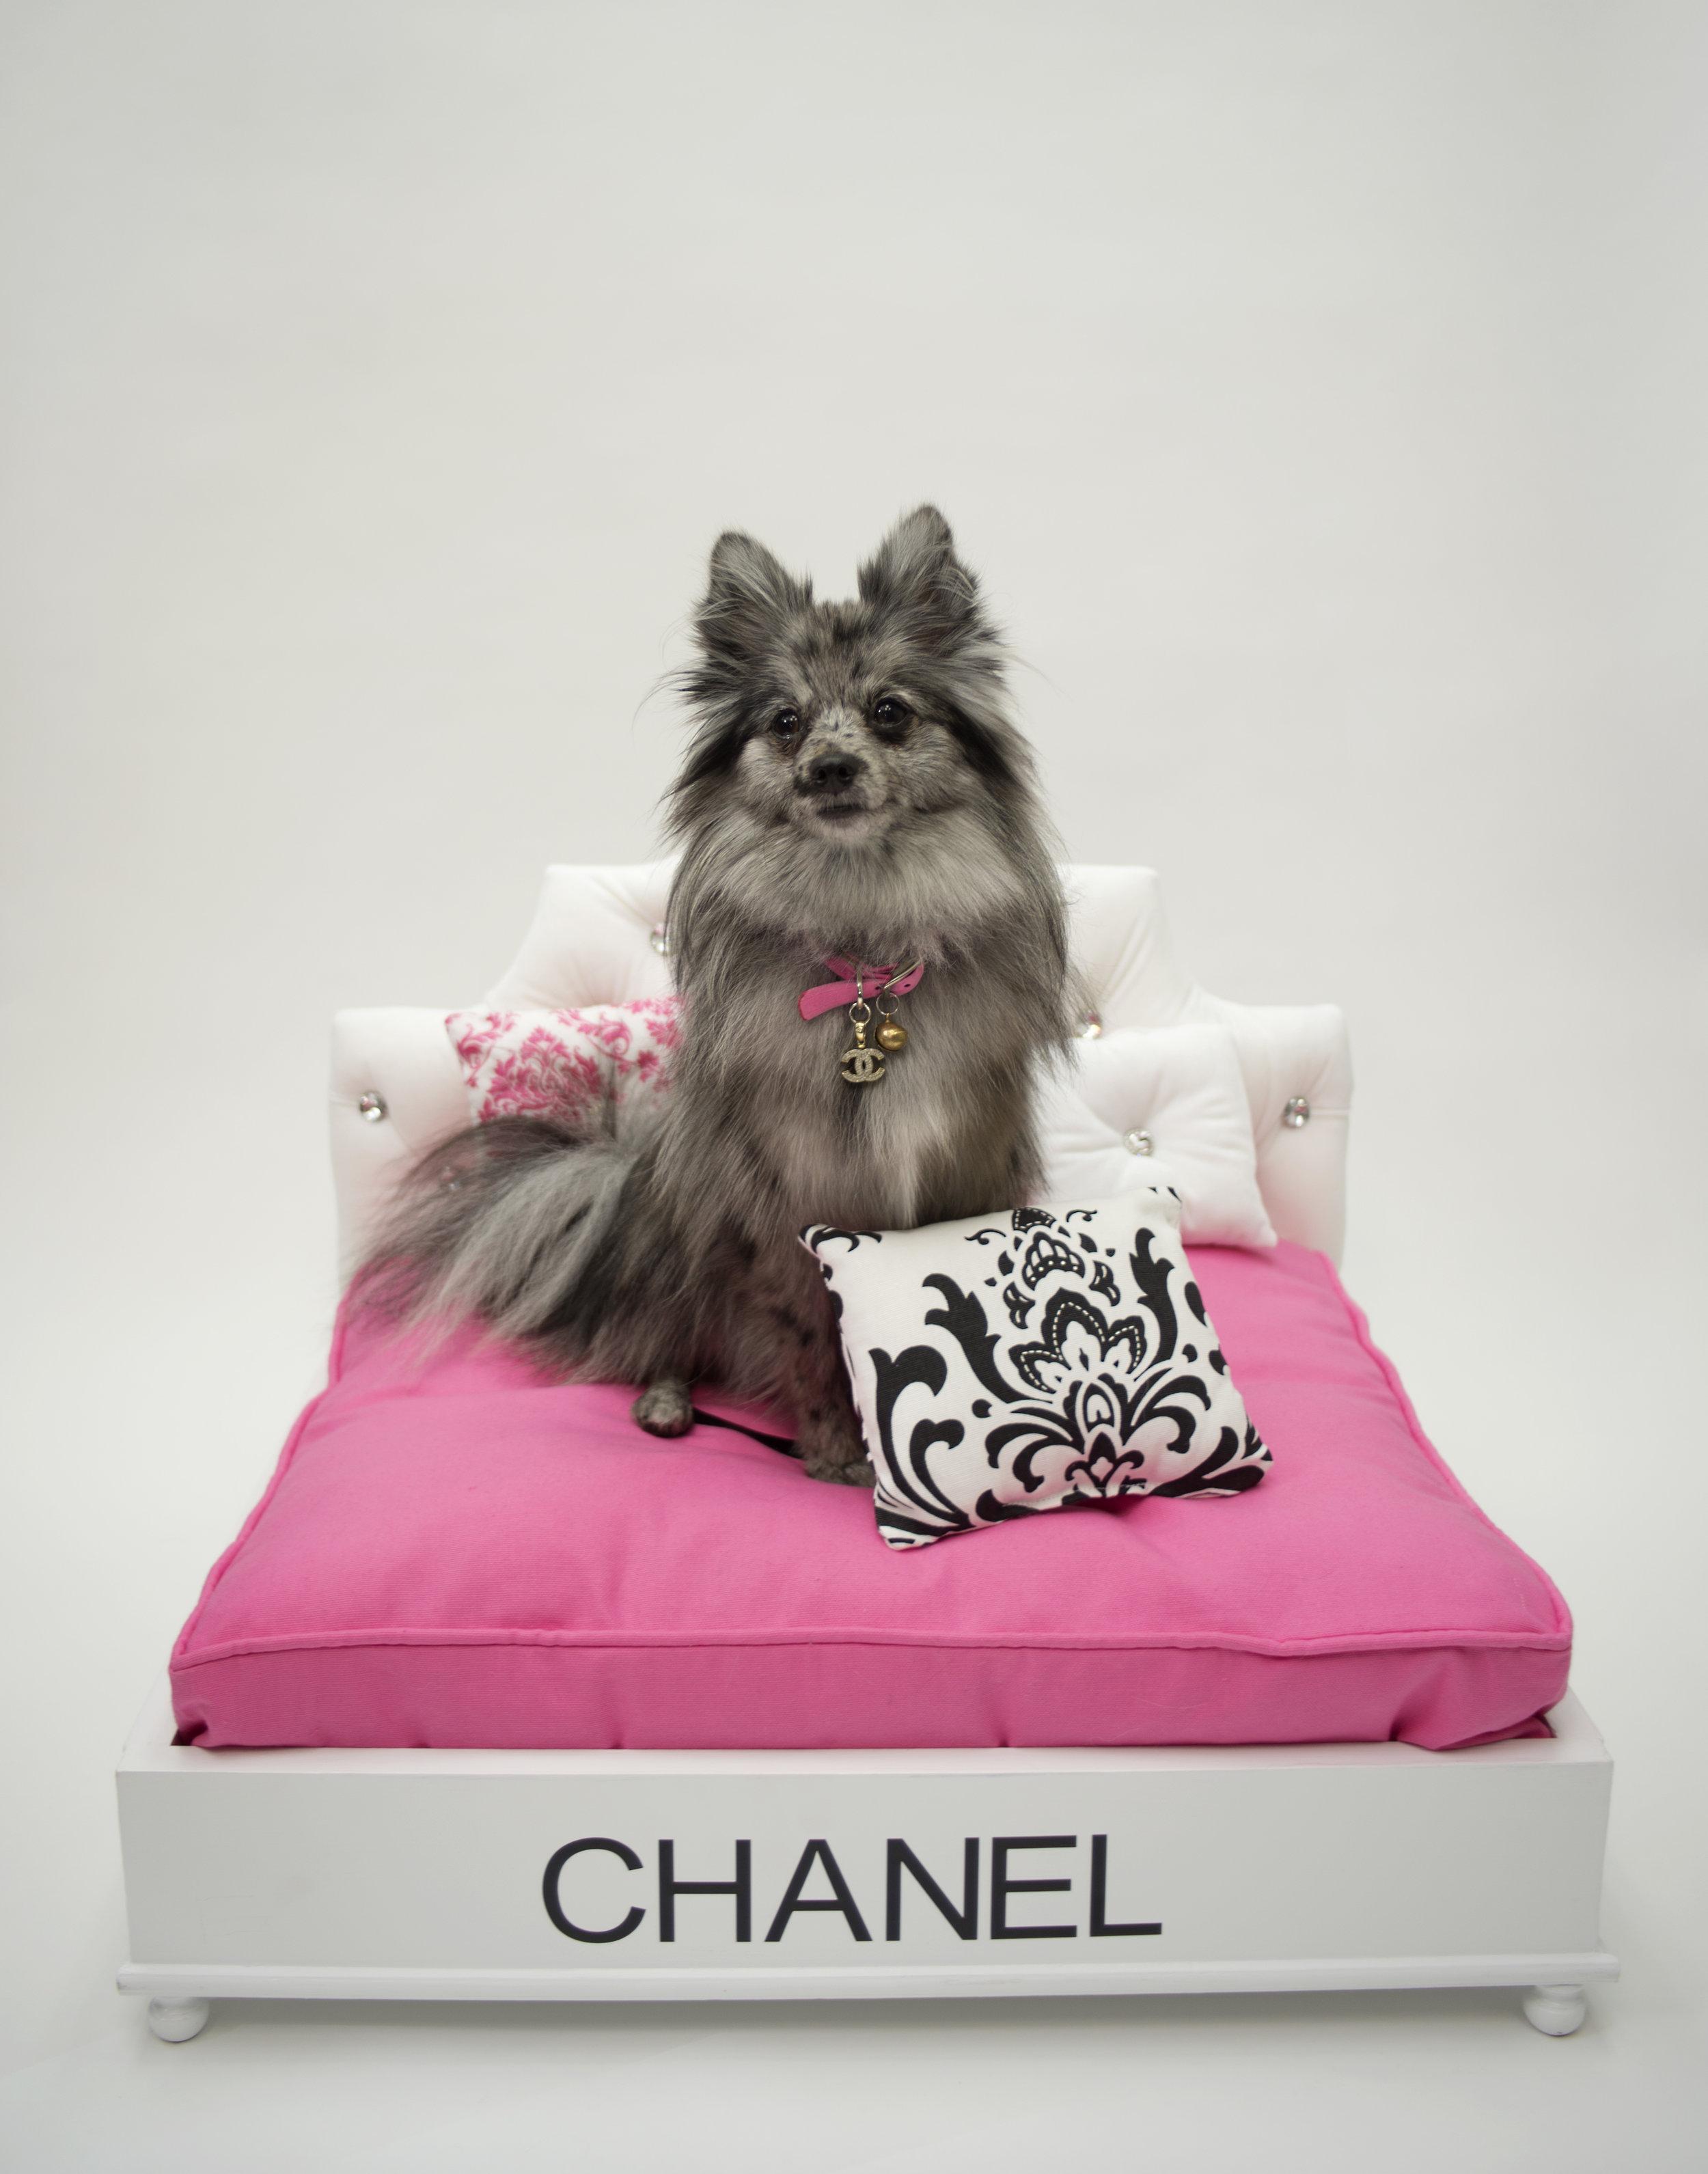 Chanel_2.jpg